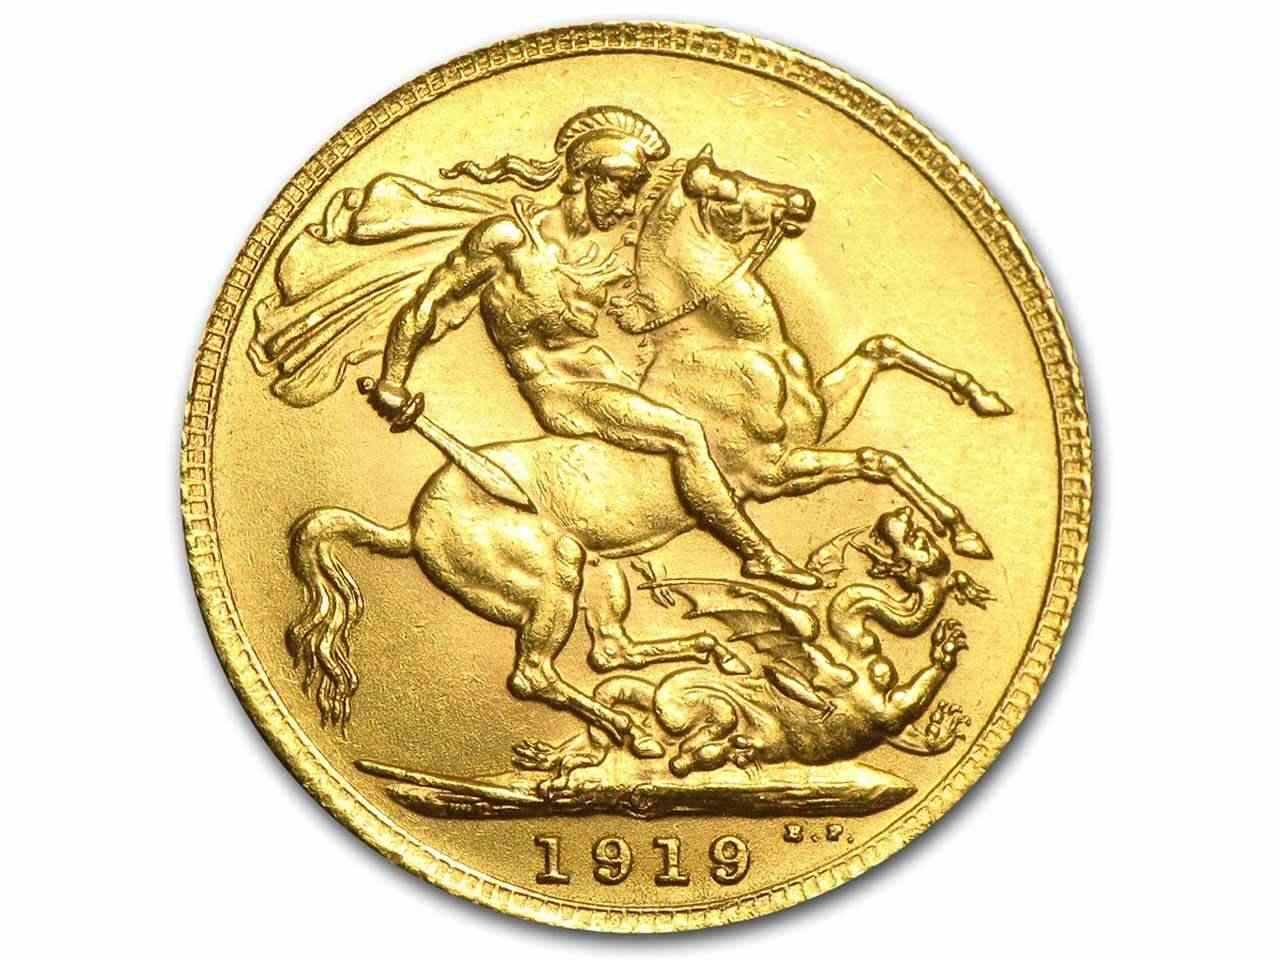 Le souverain : une des pièces d'investissement les plus emblématiques